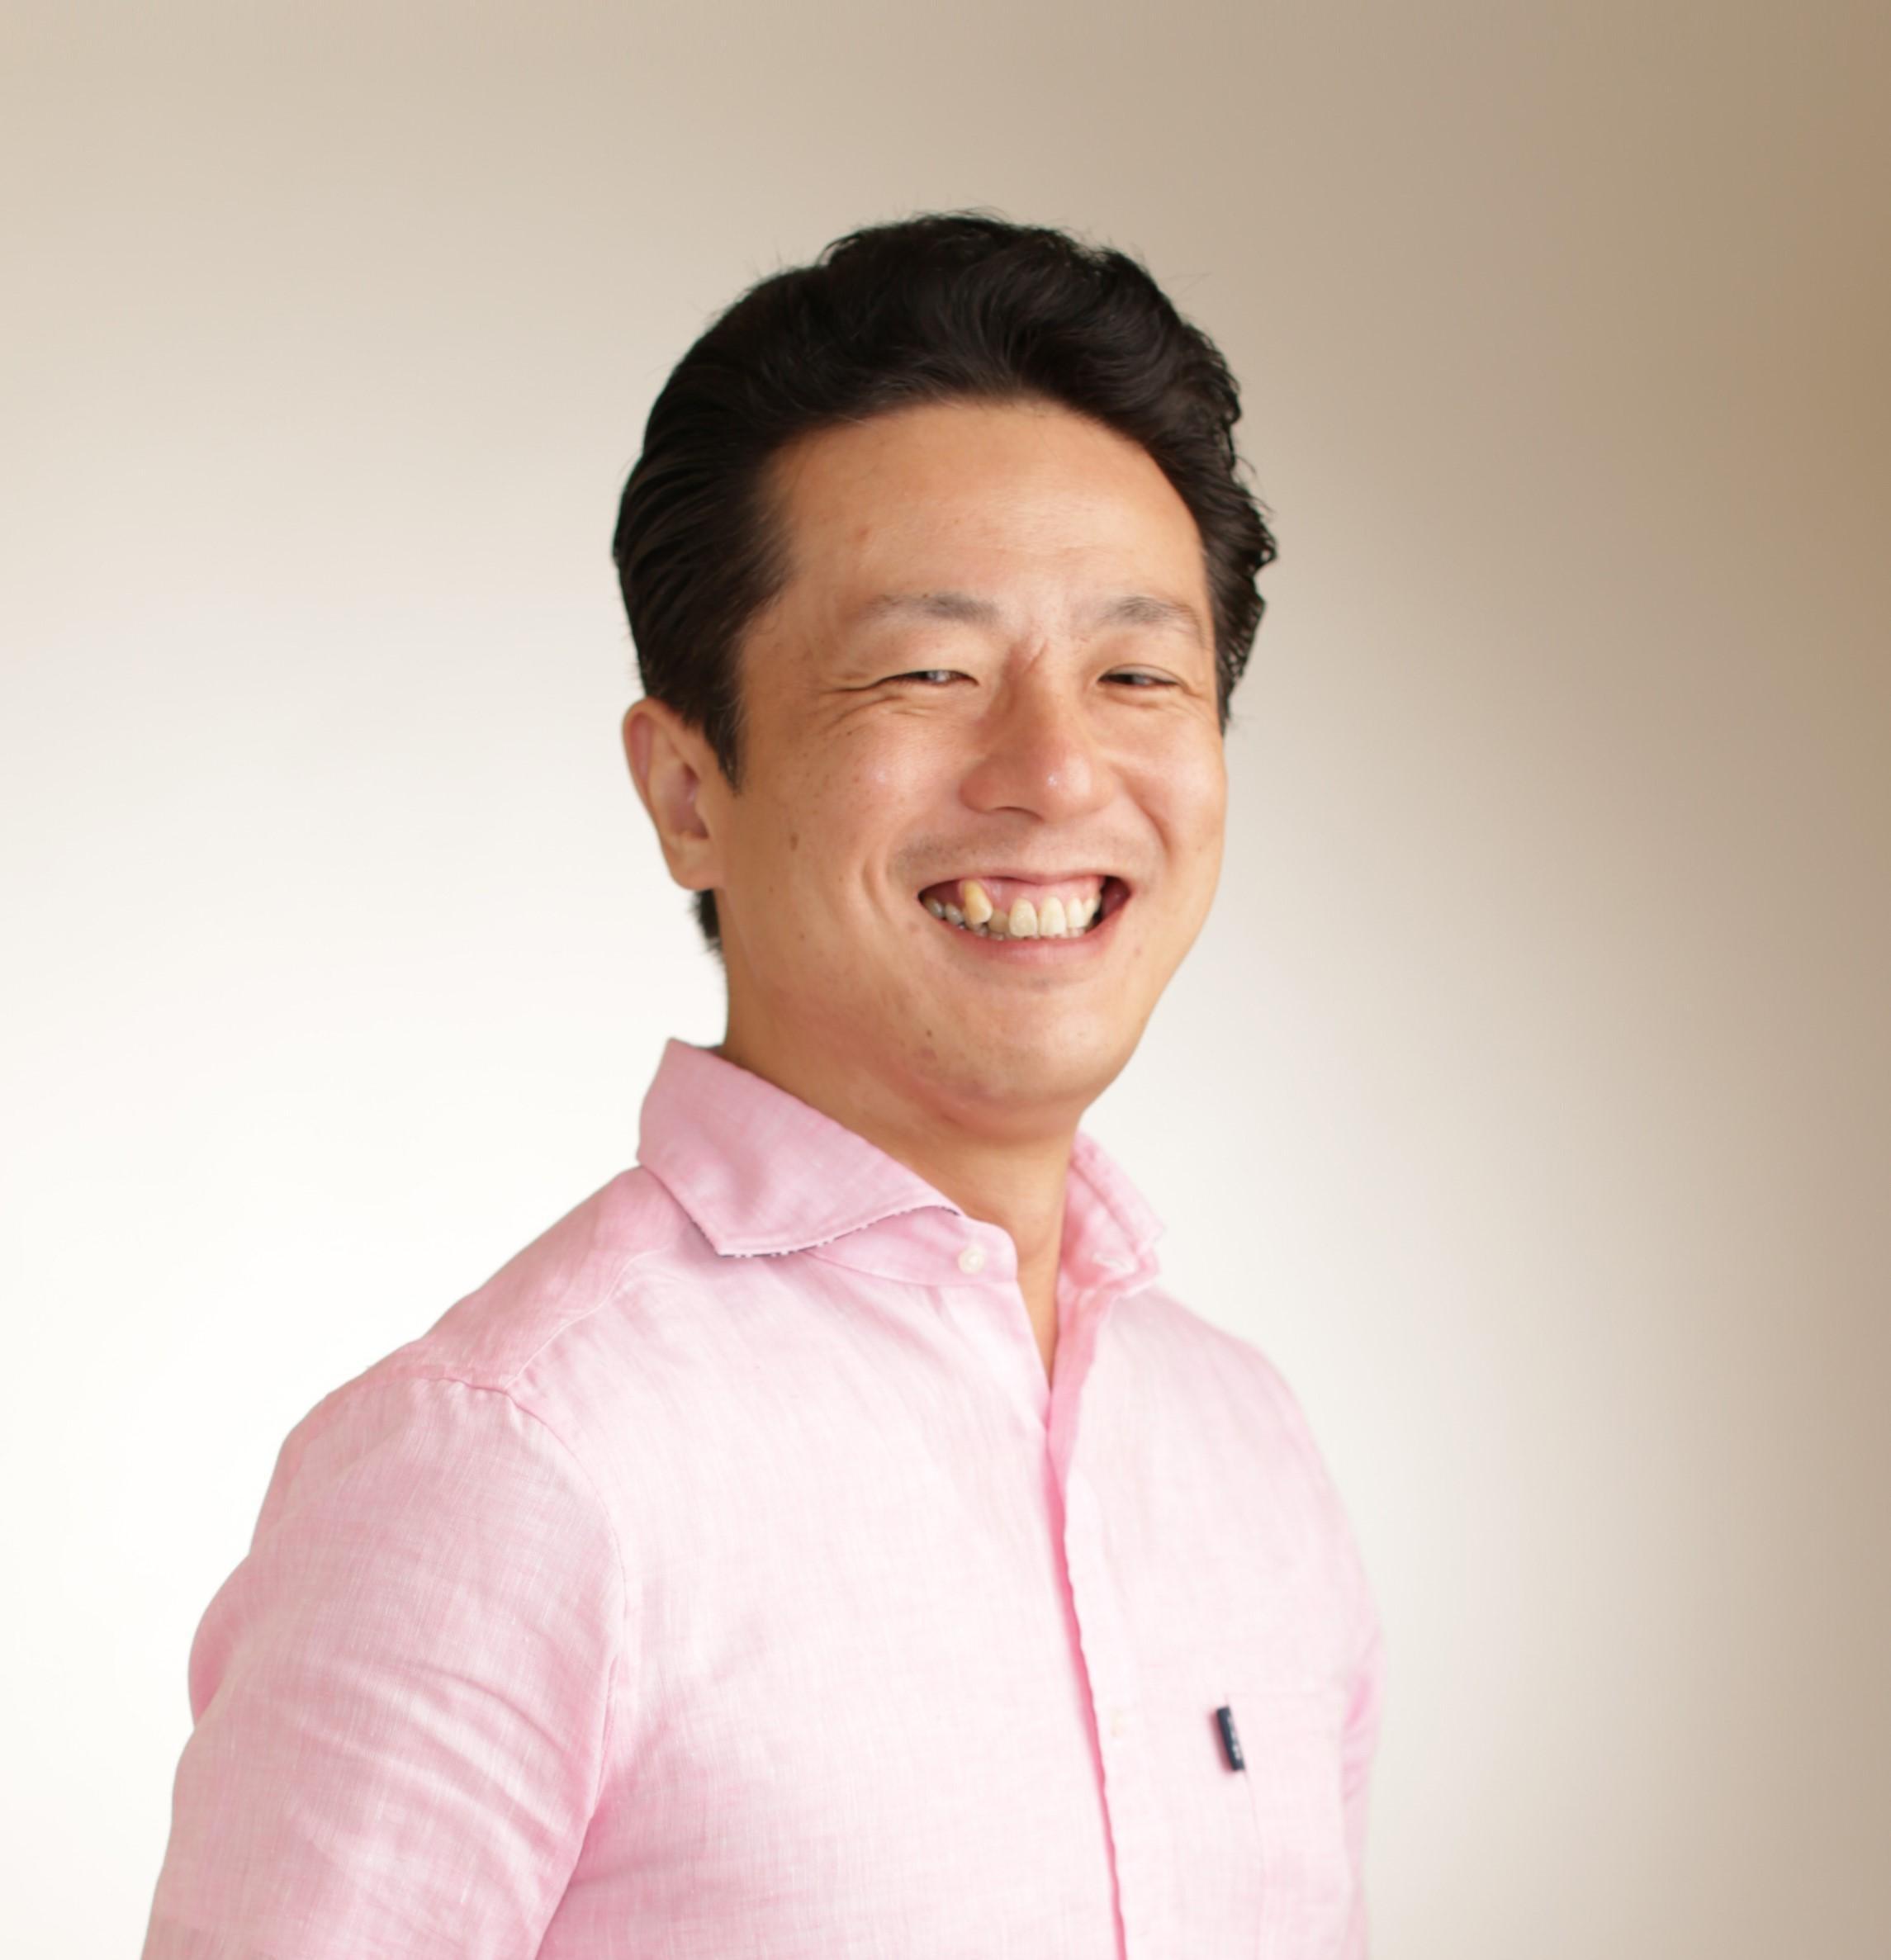 セラピスト起業家のためのサロン集客塾  橋本 岳